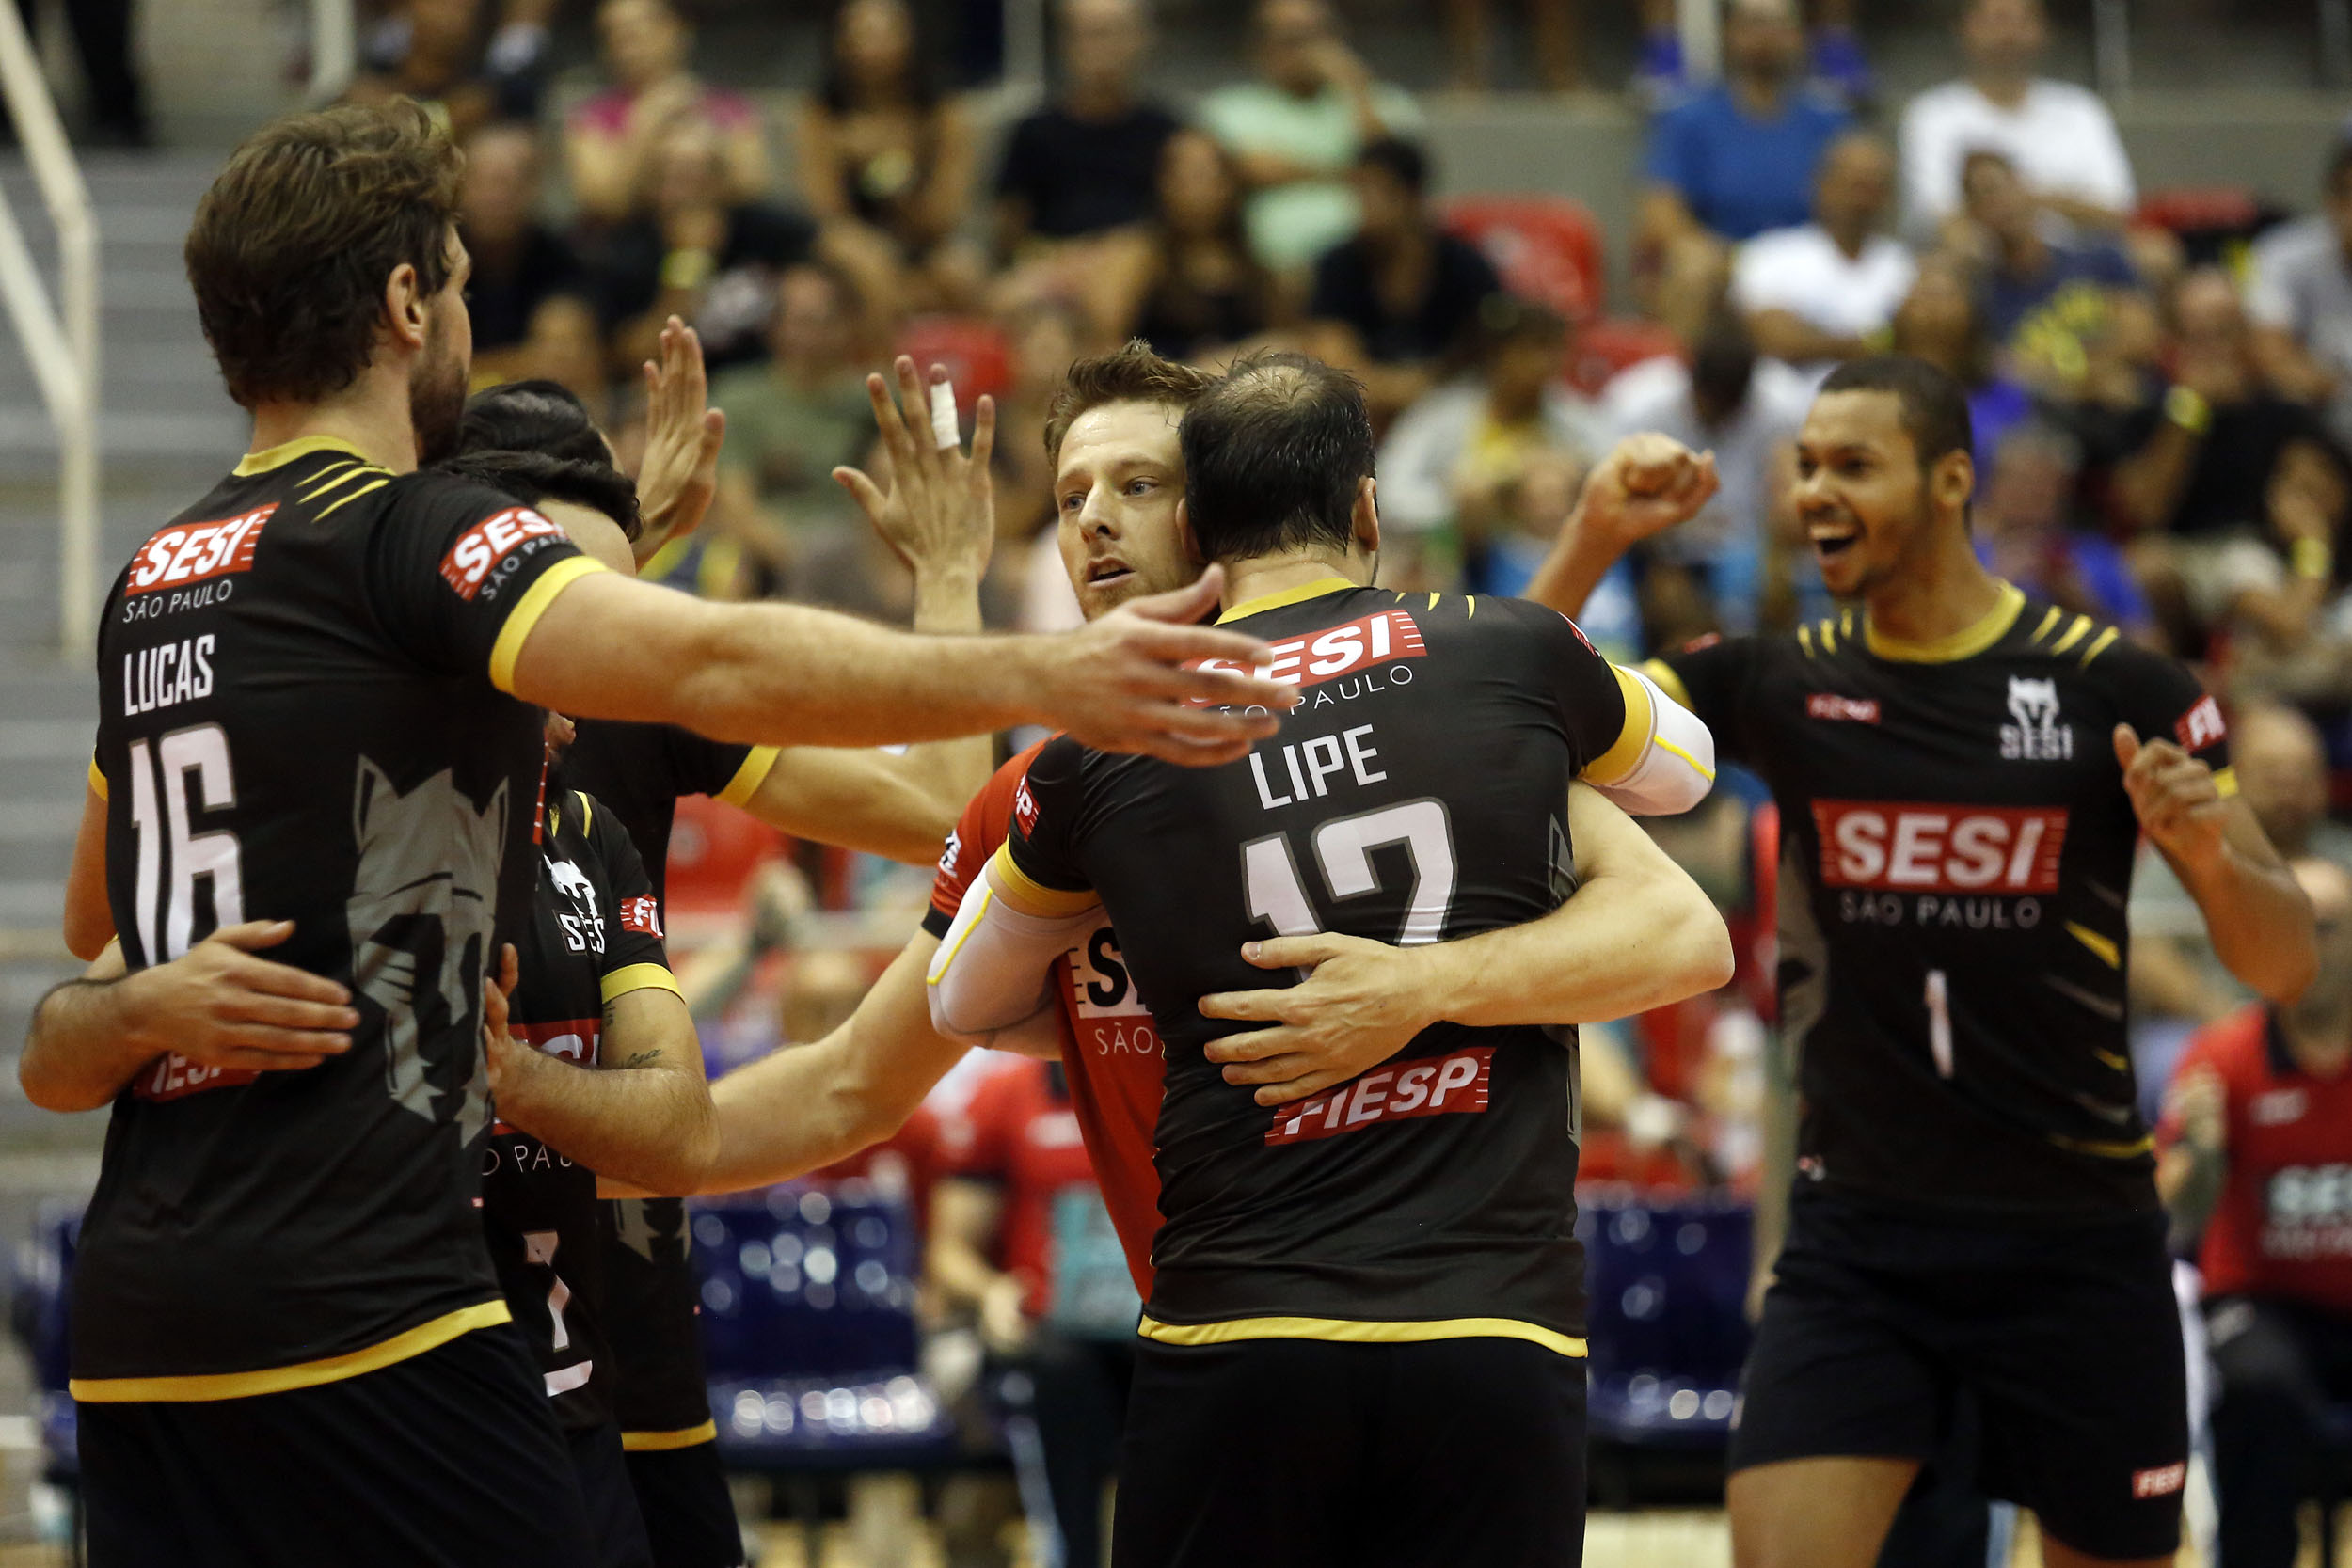 Sesi-SP abre vantagem no playoff contra o Sesc RJ